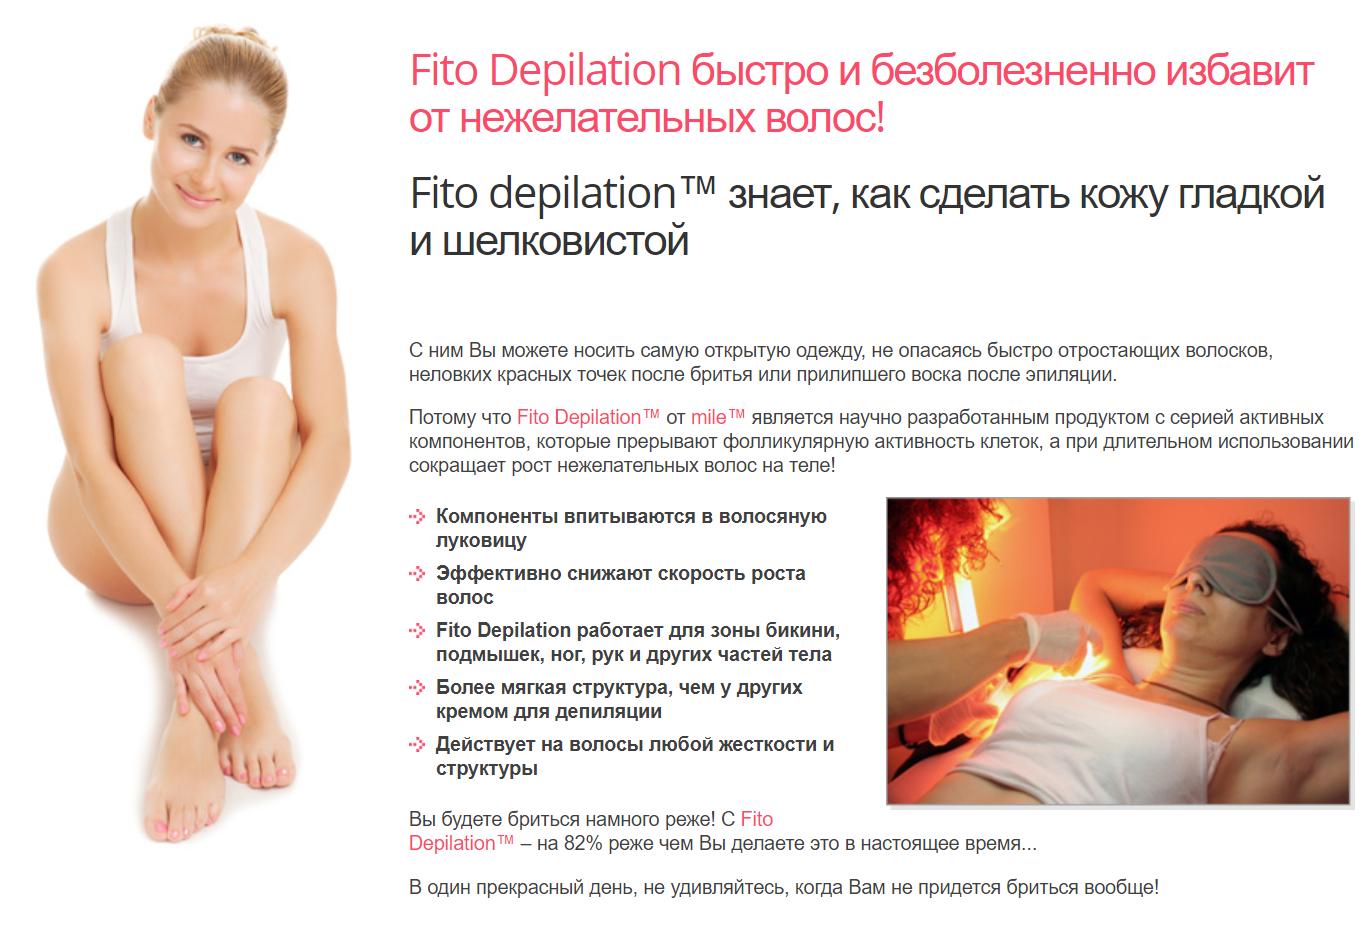 Крем для депиляции Fitodepilation